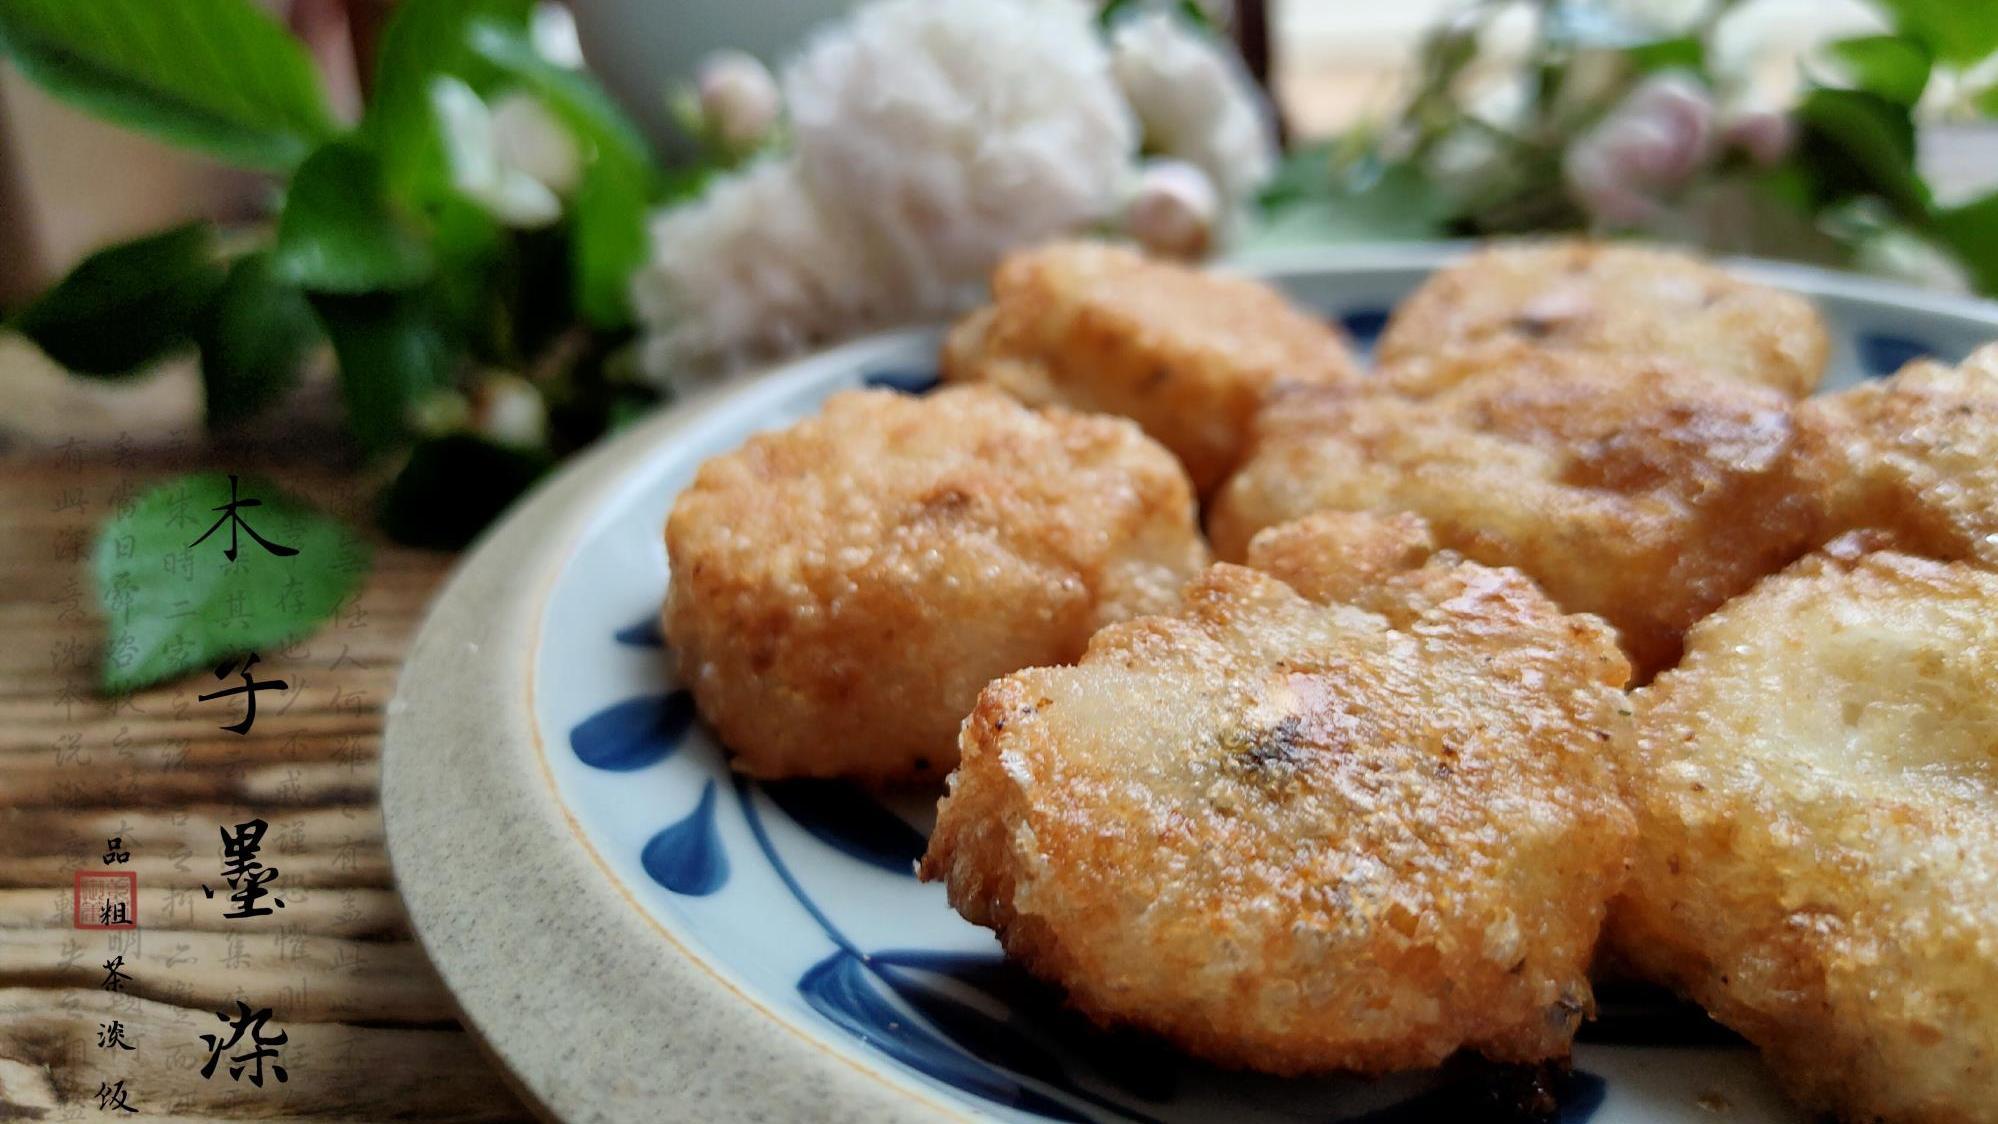 爆米花做成炸糕,香甜软糯,一口酥,还不粘牙